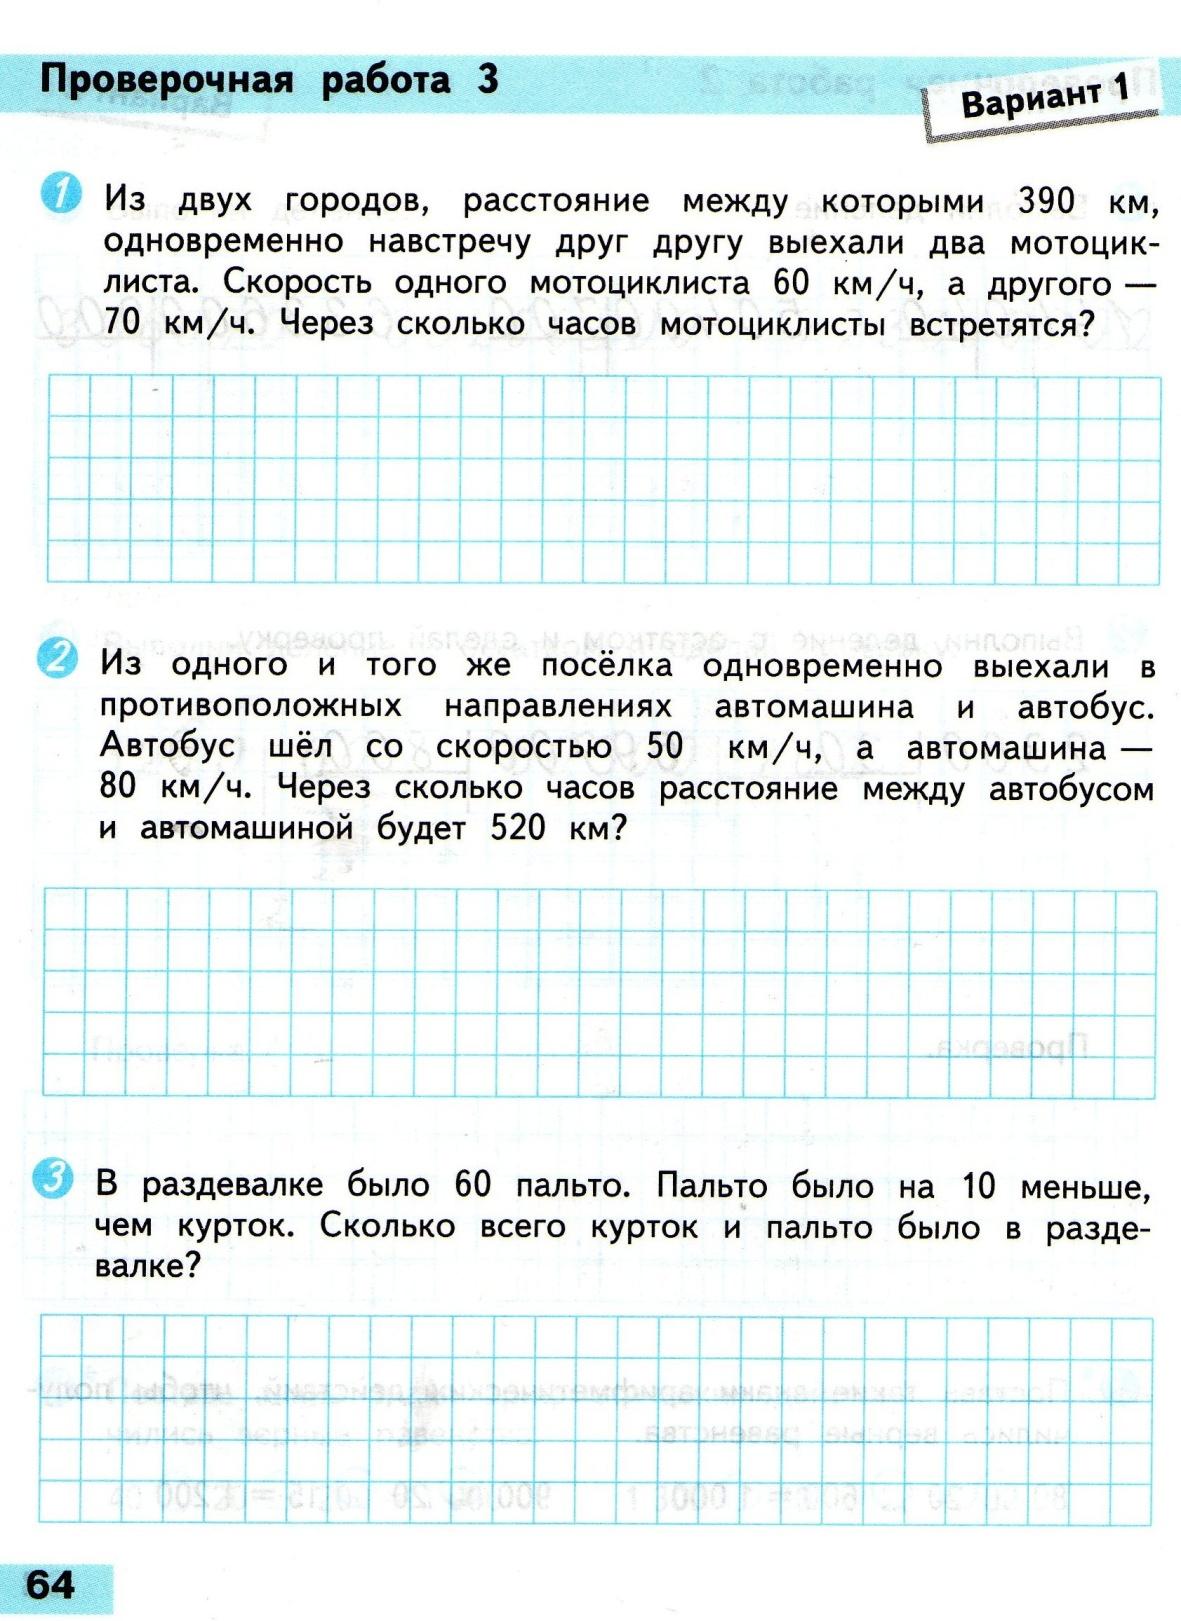 C:\Documents and Settings\Admin\Мои документы\Мои рисунки\1563.jpg